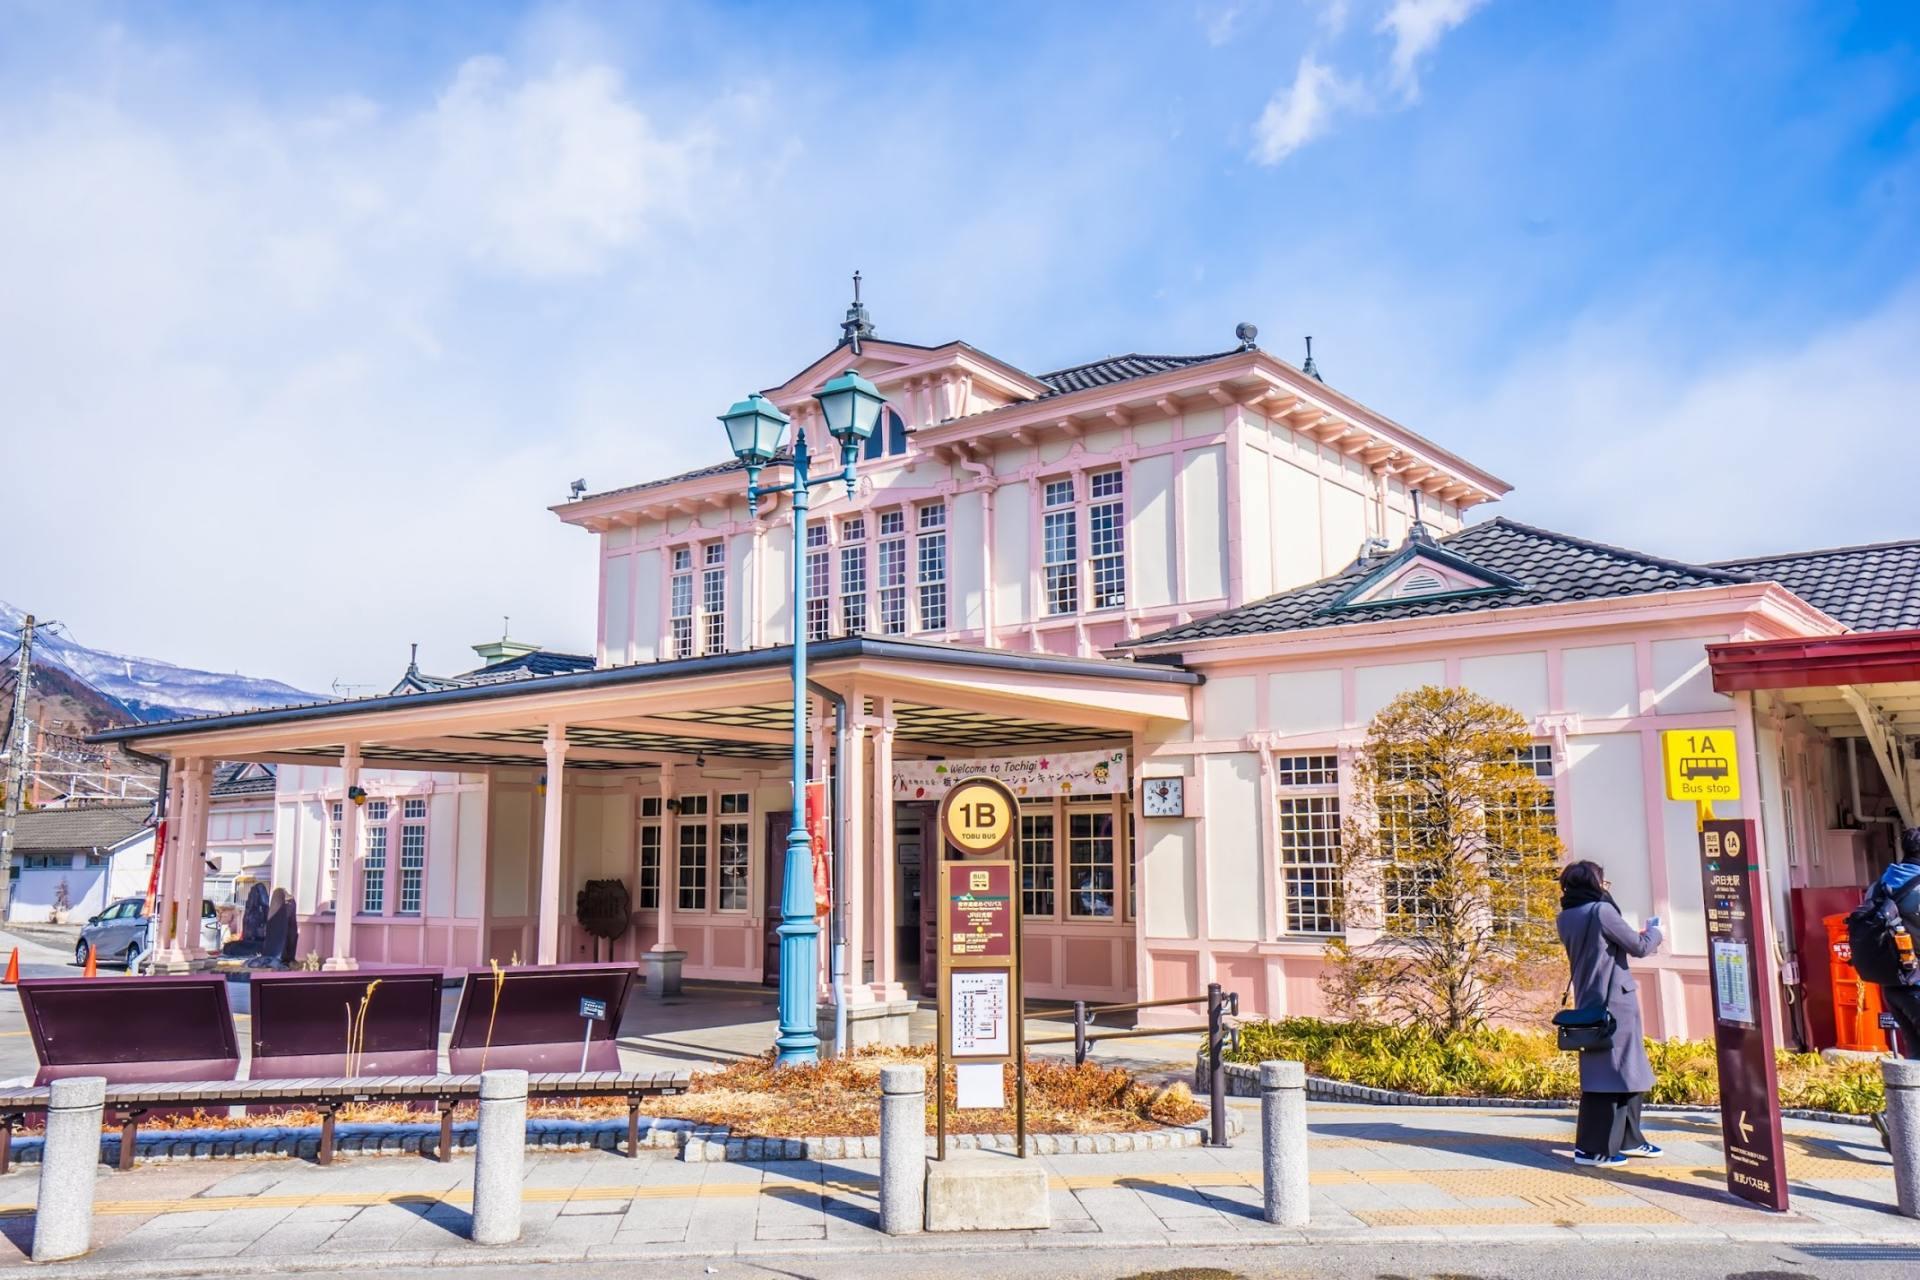 欧式建筑的车站楼房